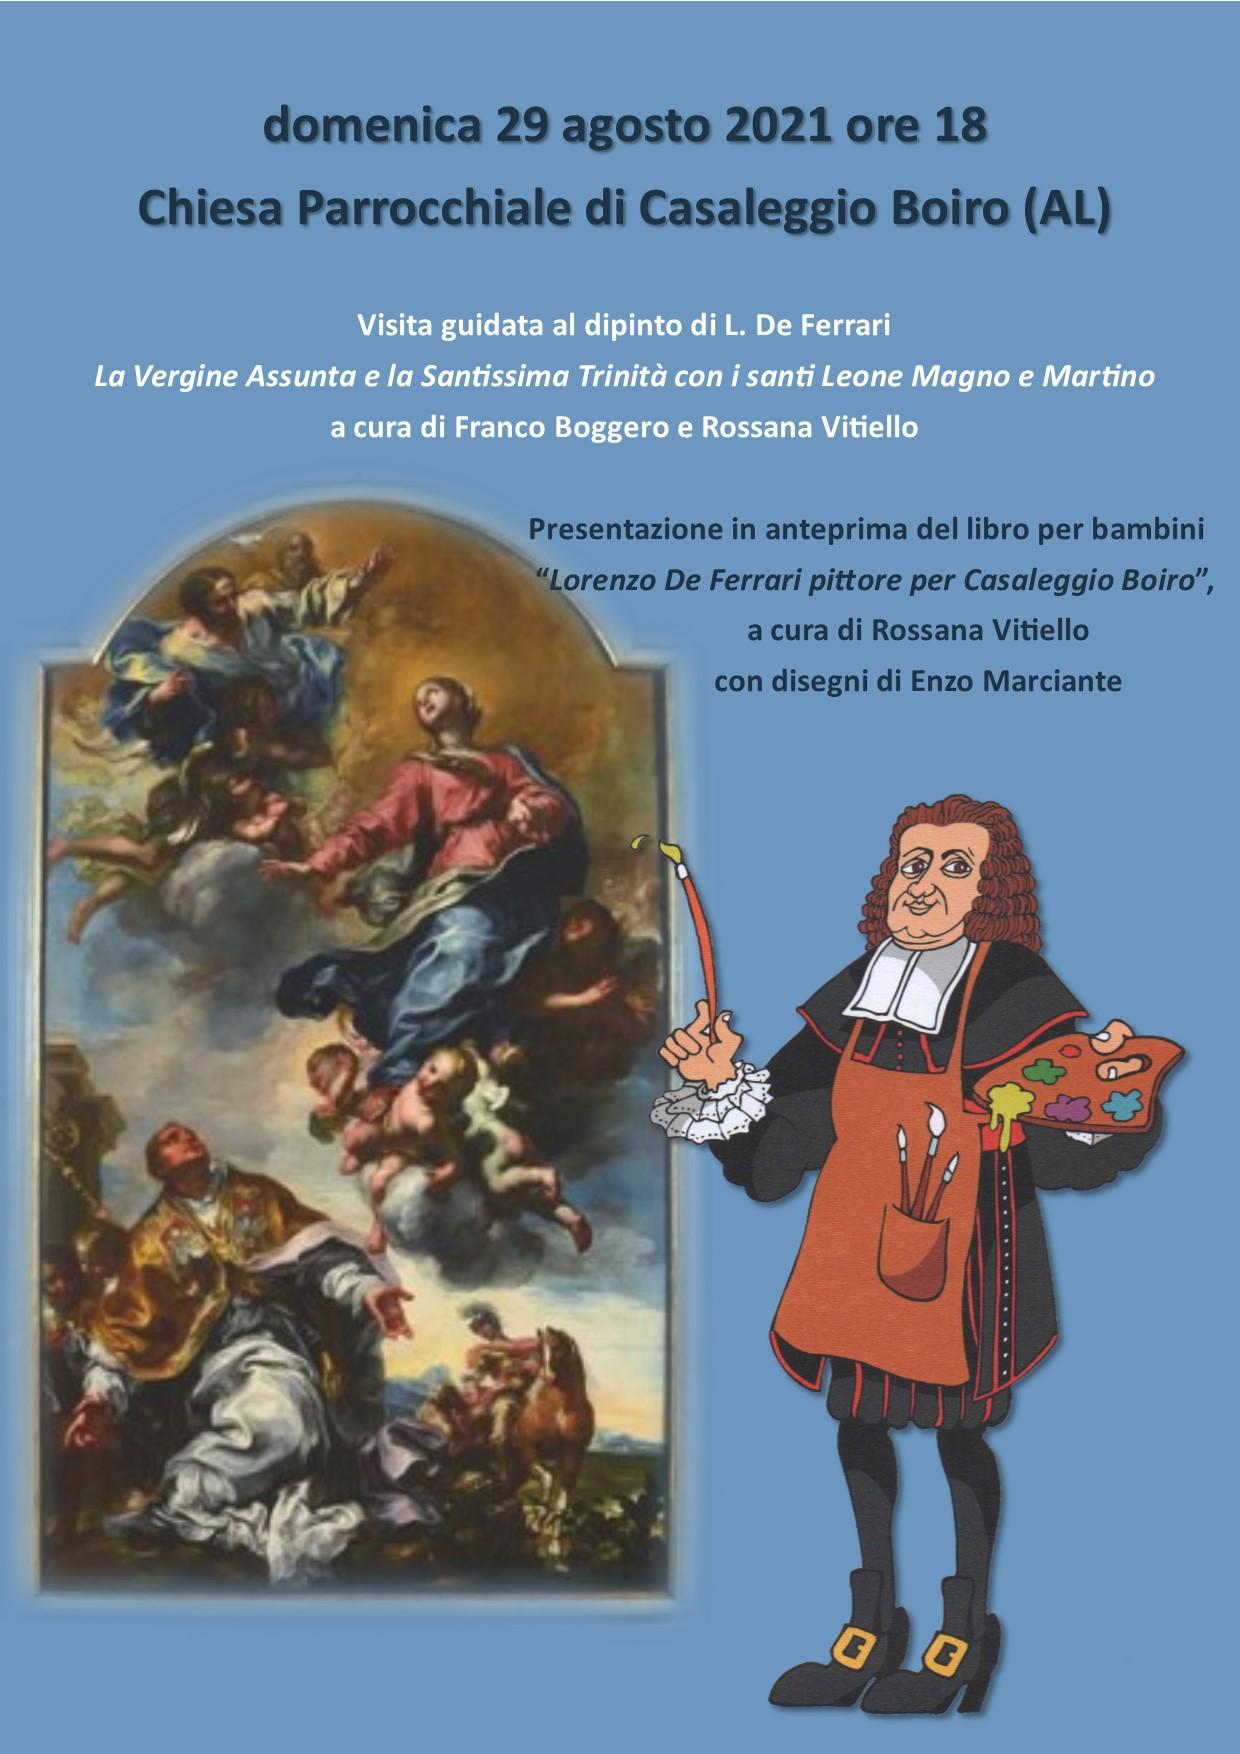 locandiina evento visita guidata e presentazione libro a casaleggio boiro